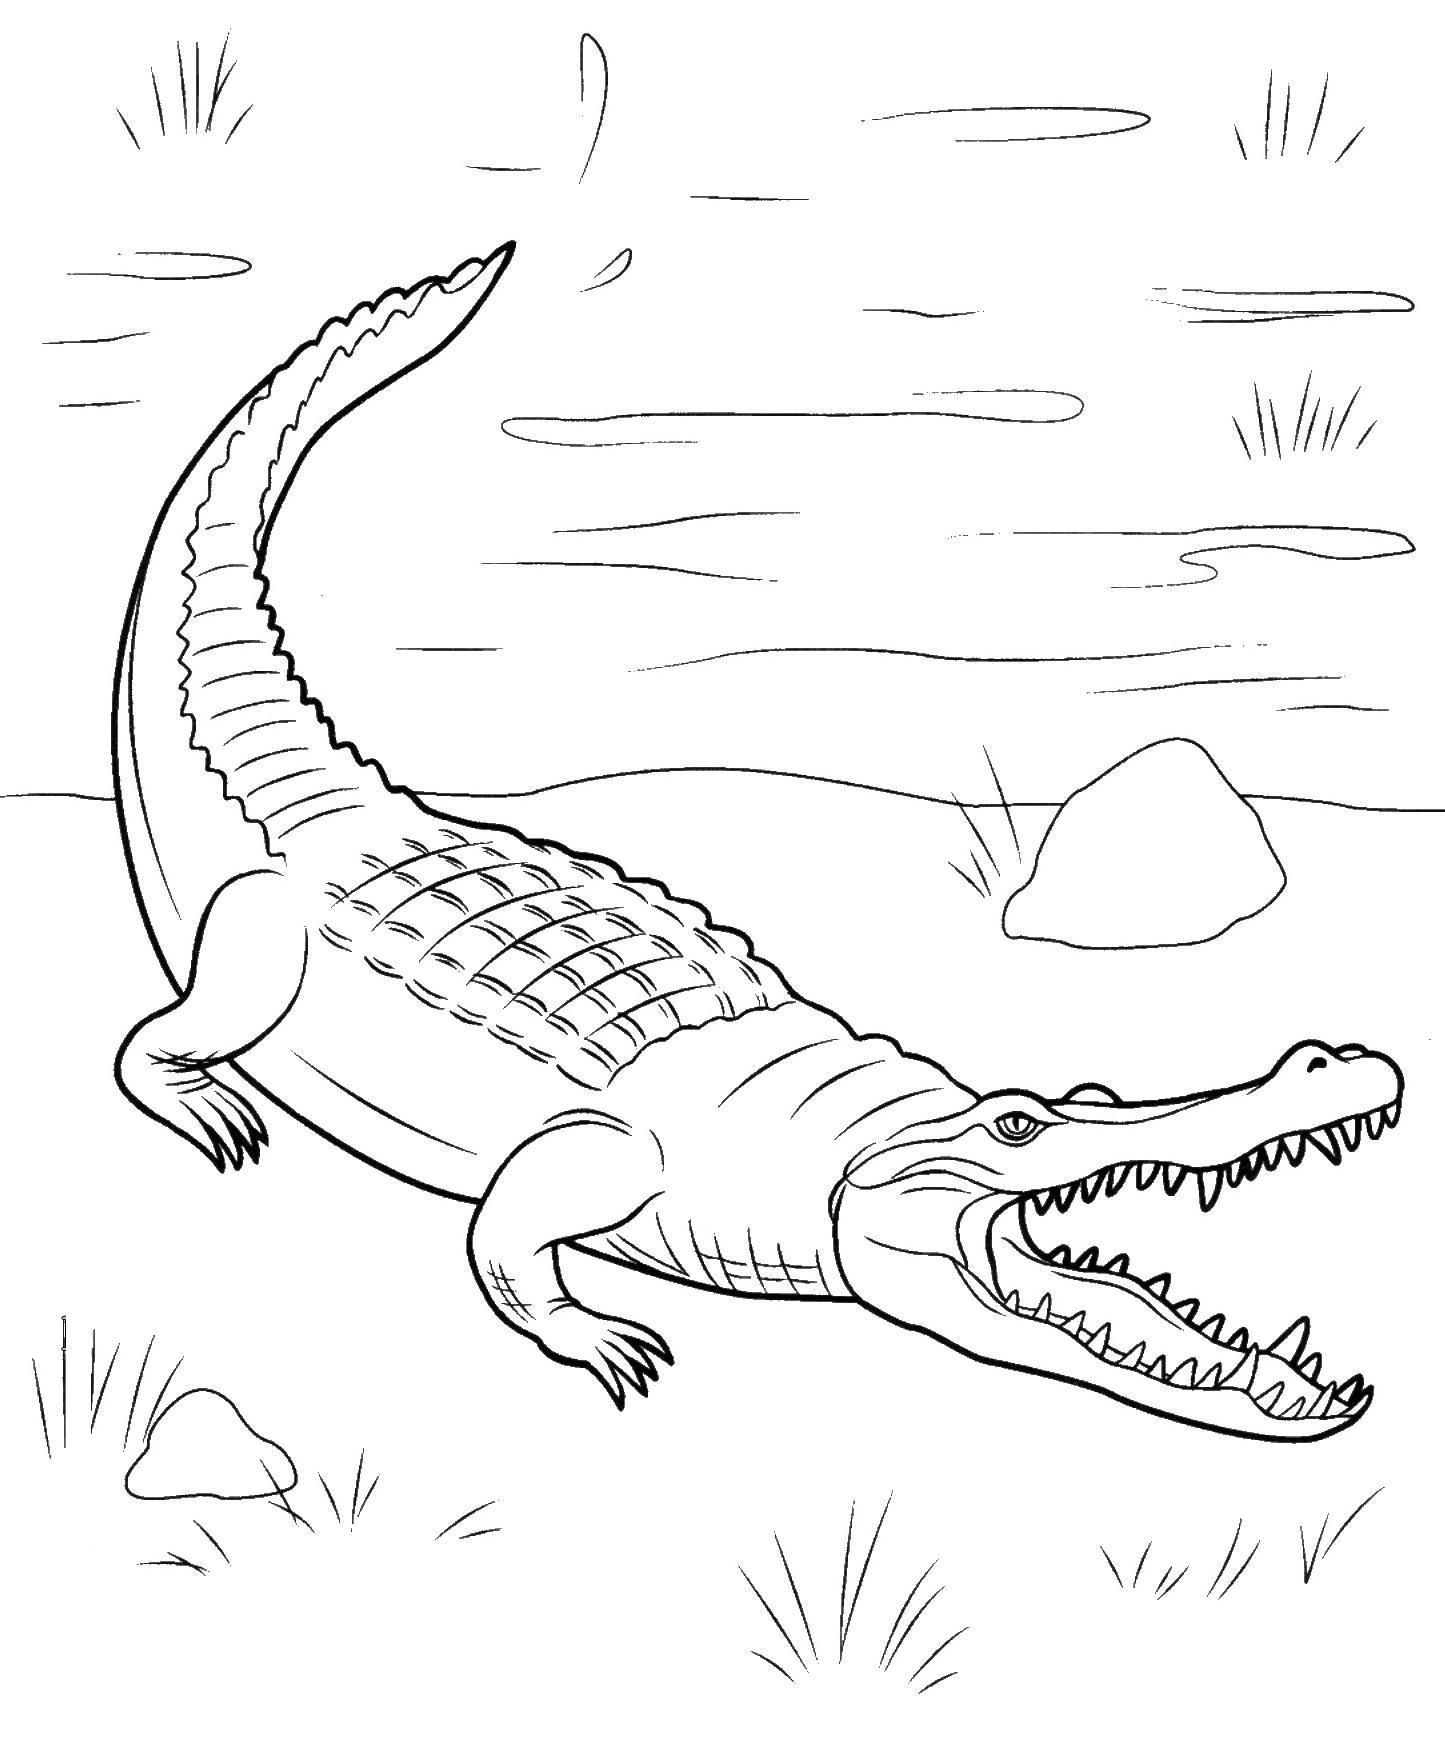 Раскраски берегу рептилии, крокодил, вода